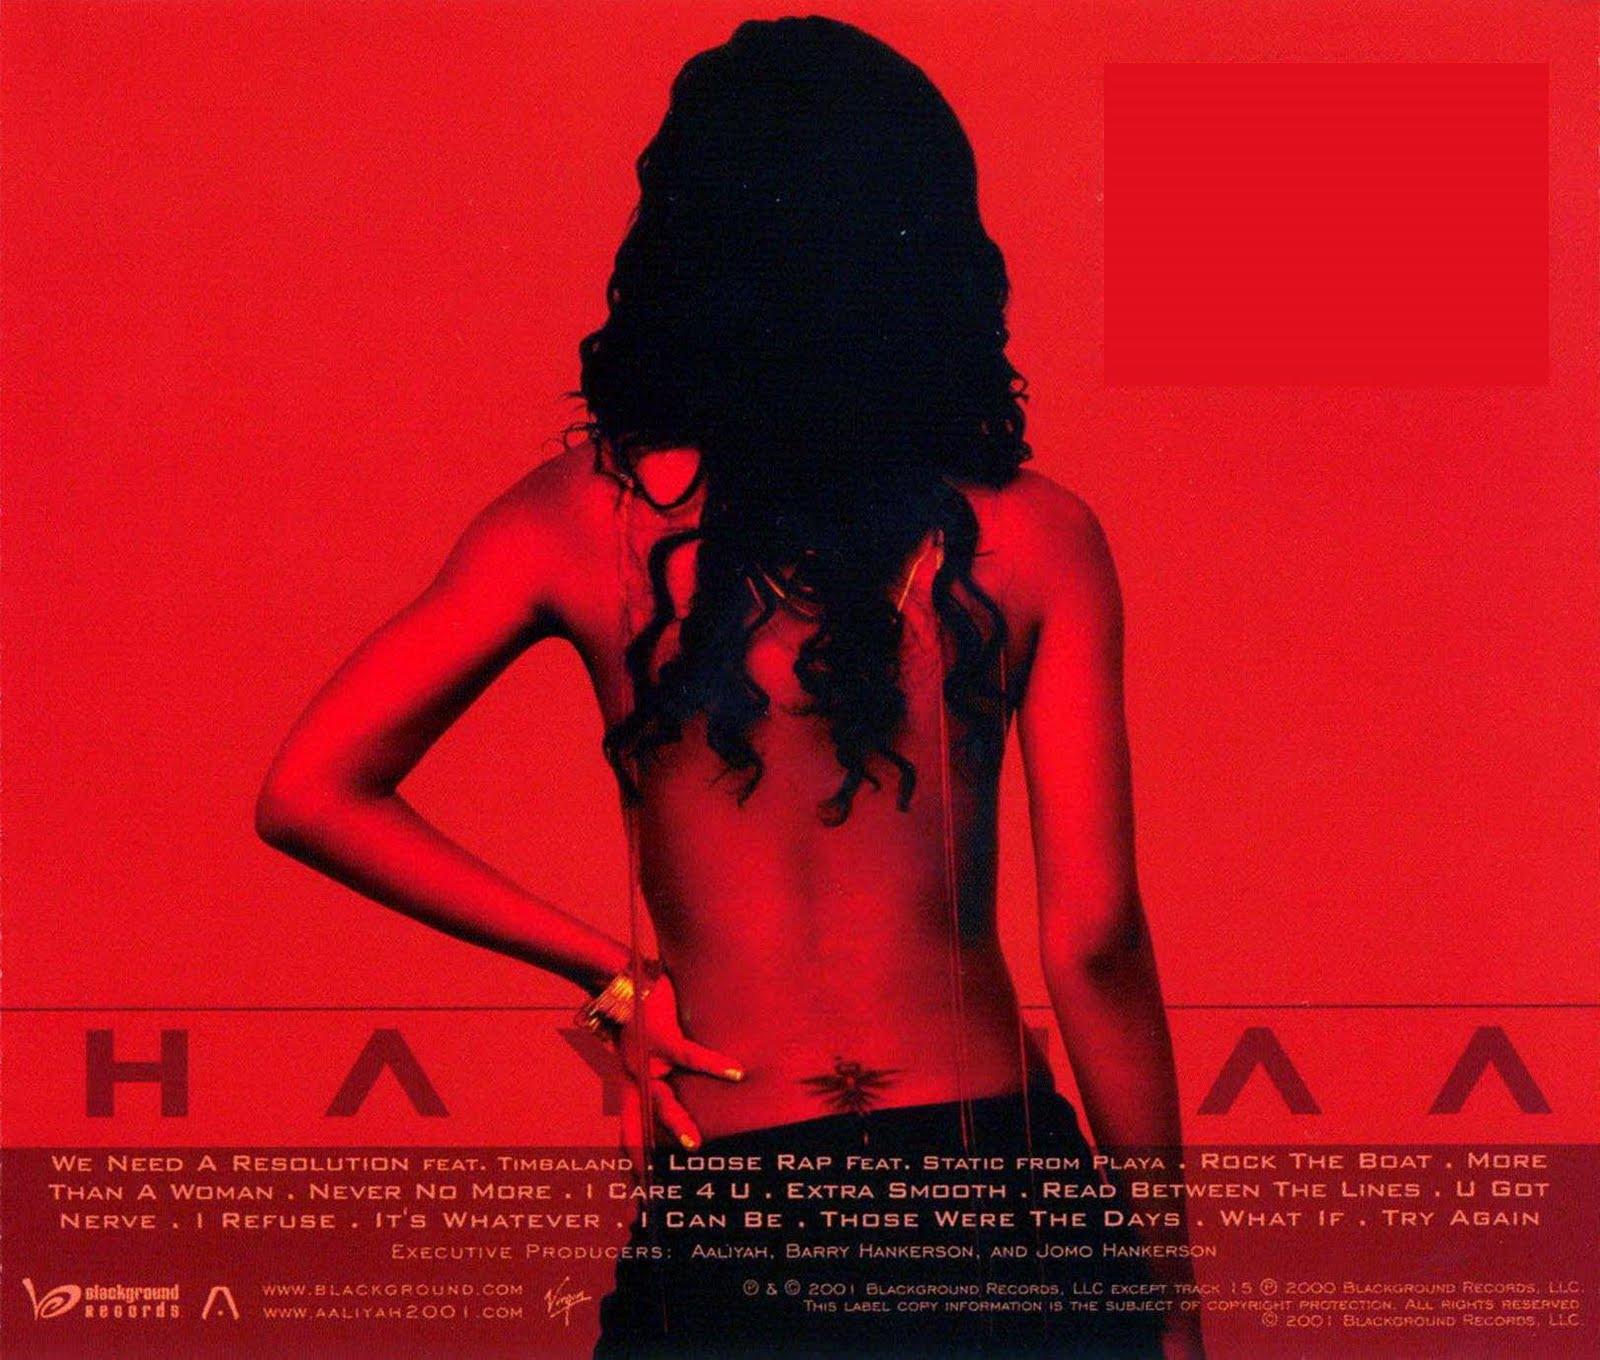 http://1.bp.blogspot.com/_xedH4e8Kv90/Sw7-Eqiyr9I/AAAAAAAABWI/GbqVRqjG8co/s1600/Aaliyah-Aaliyah-Trasera.jpg